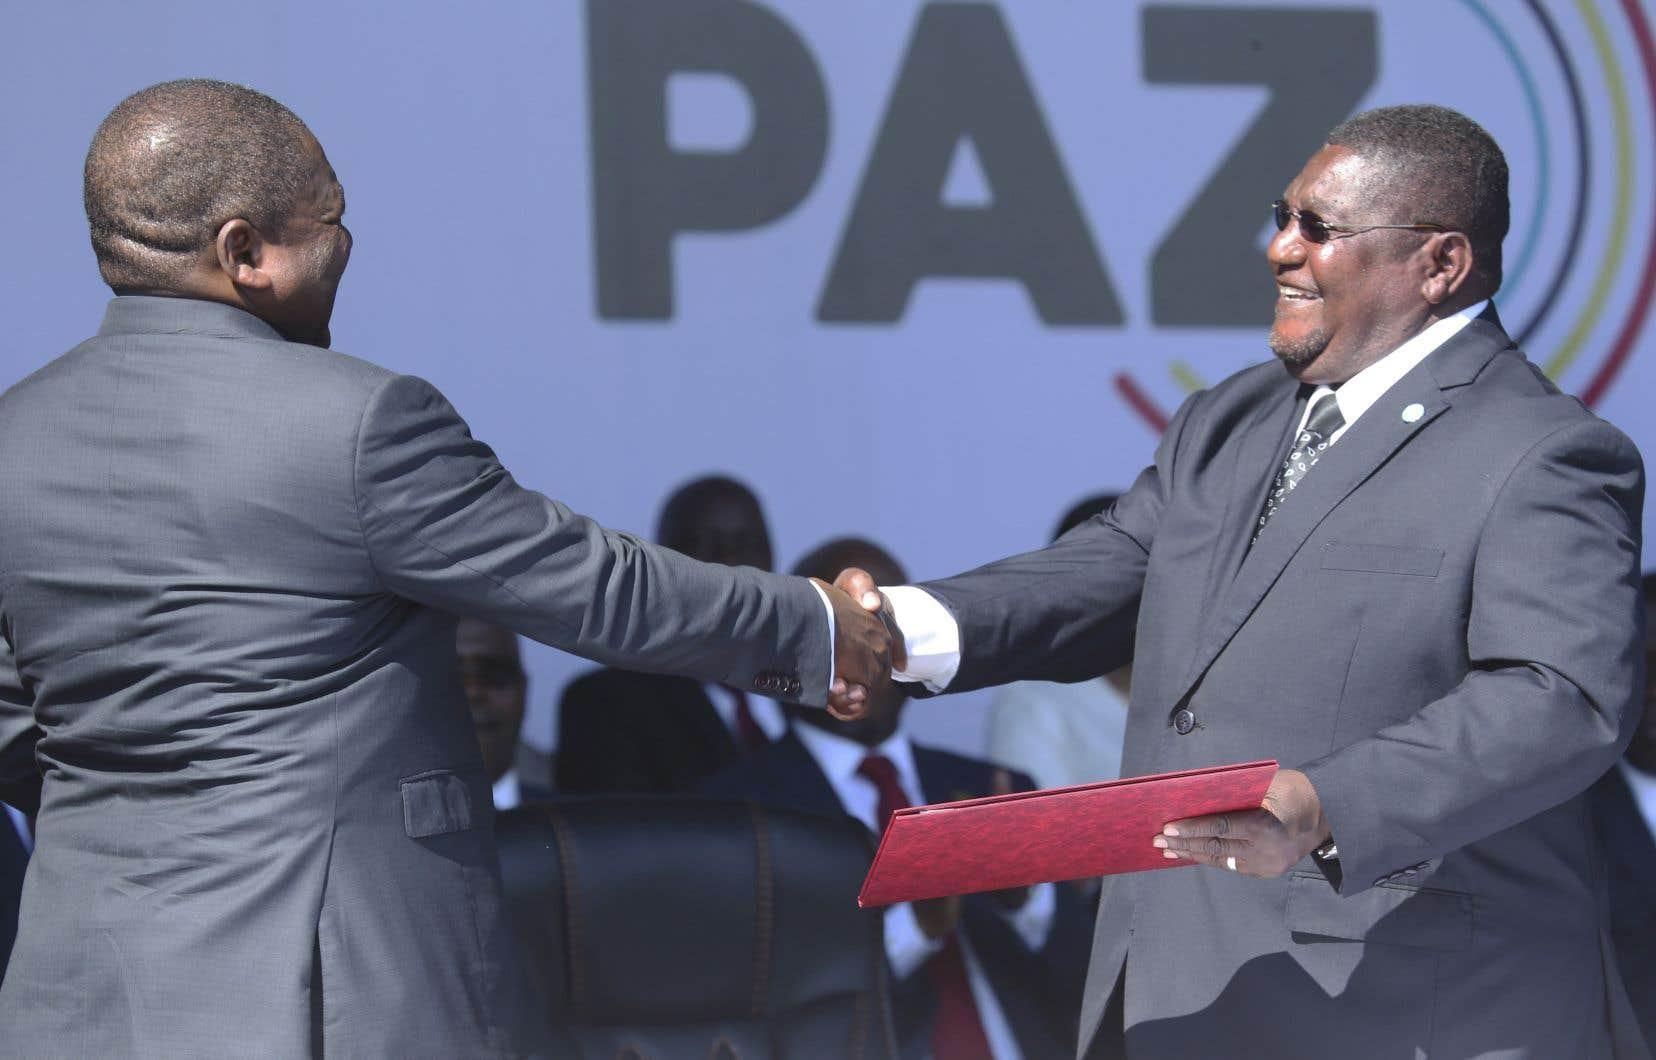 Jeudi dernier, Filipe Nyusi et Ossufo Momade, avaient déjà signé un accord sur la cessation des hostilités, dans le Parc national de Gorongosa, dans le centre du Mozambique.